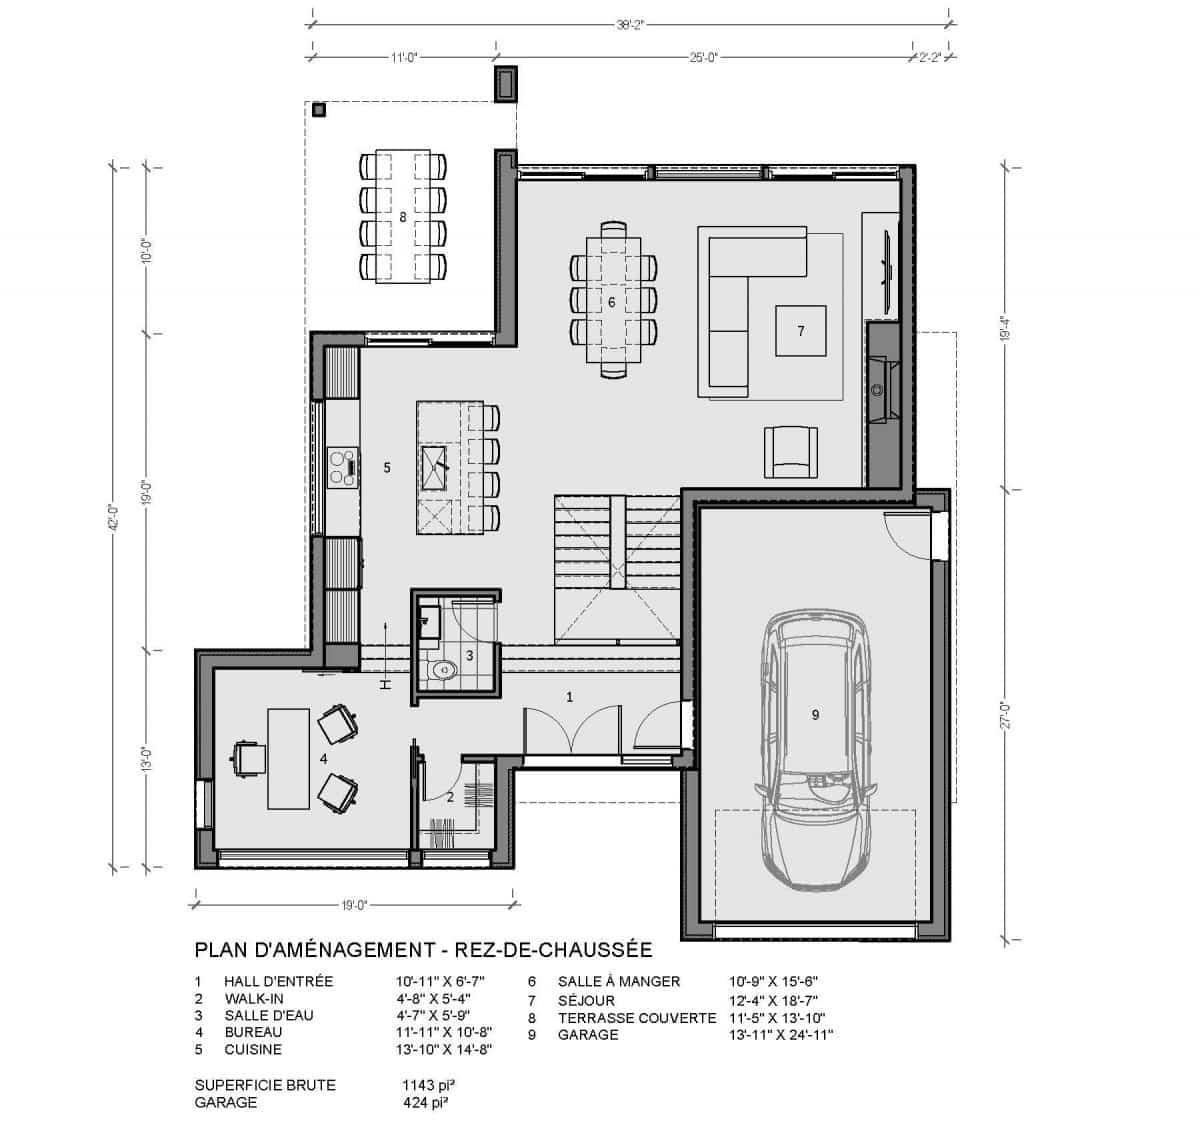 plan de maison rez de chaussée arlington